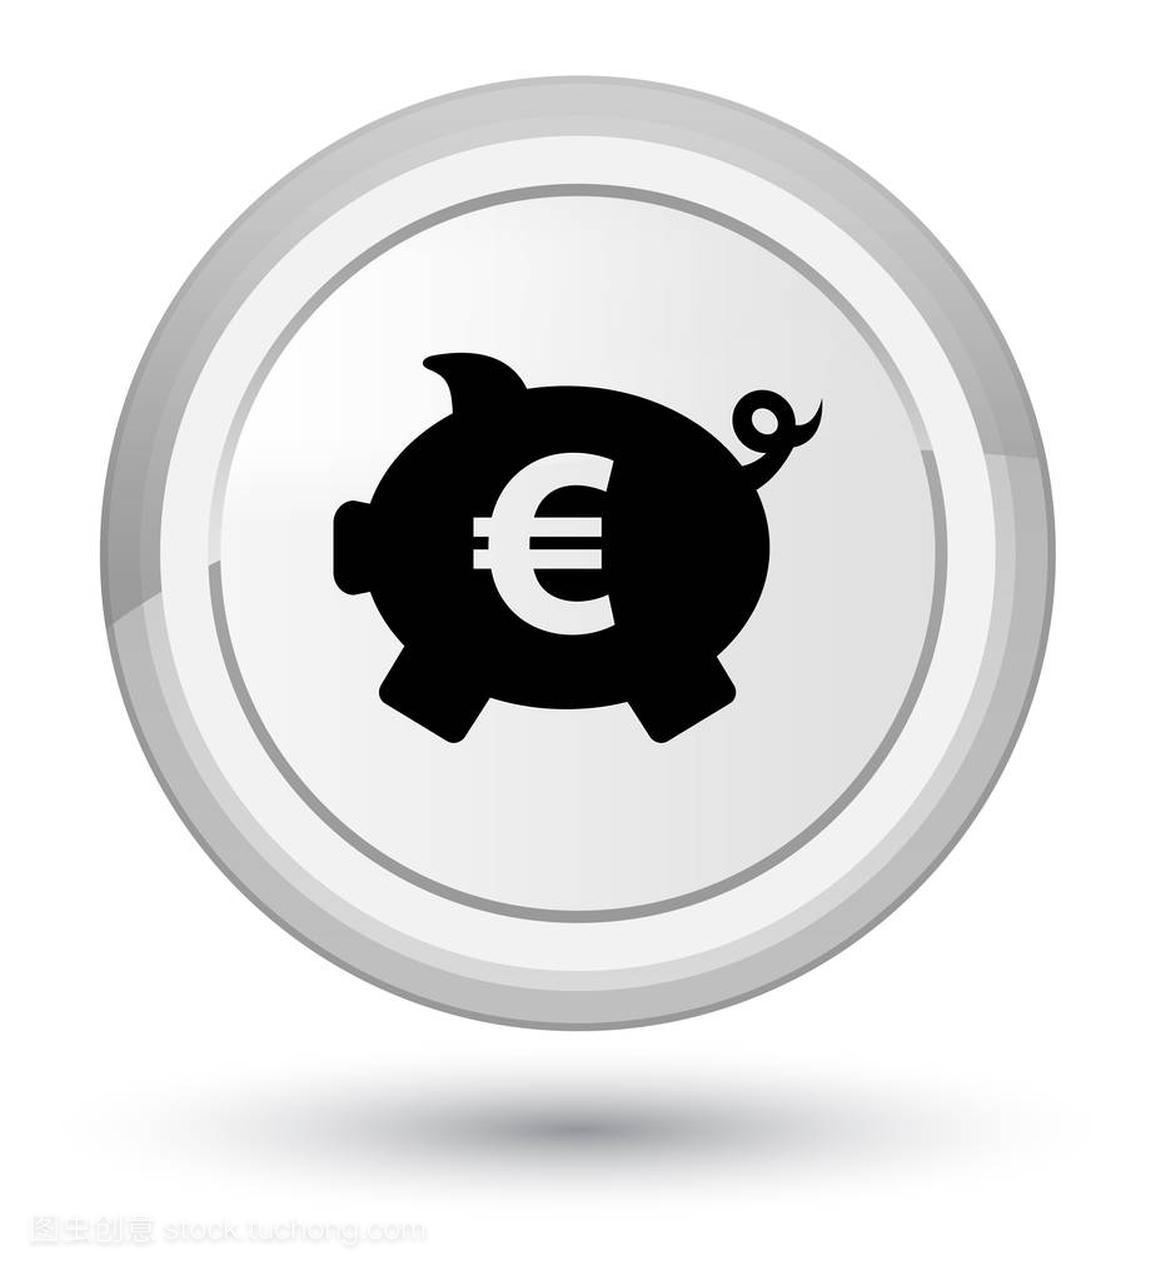 小猪银行欧元图标标志按钮白圆黄金平面设计中相似多少算v银行图片